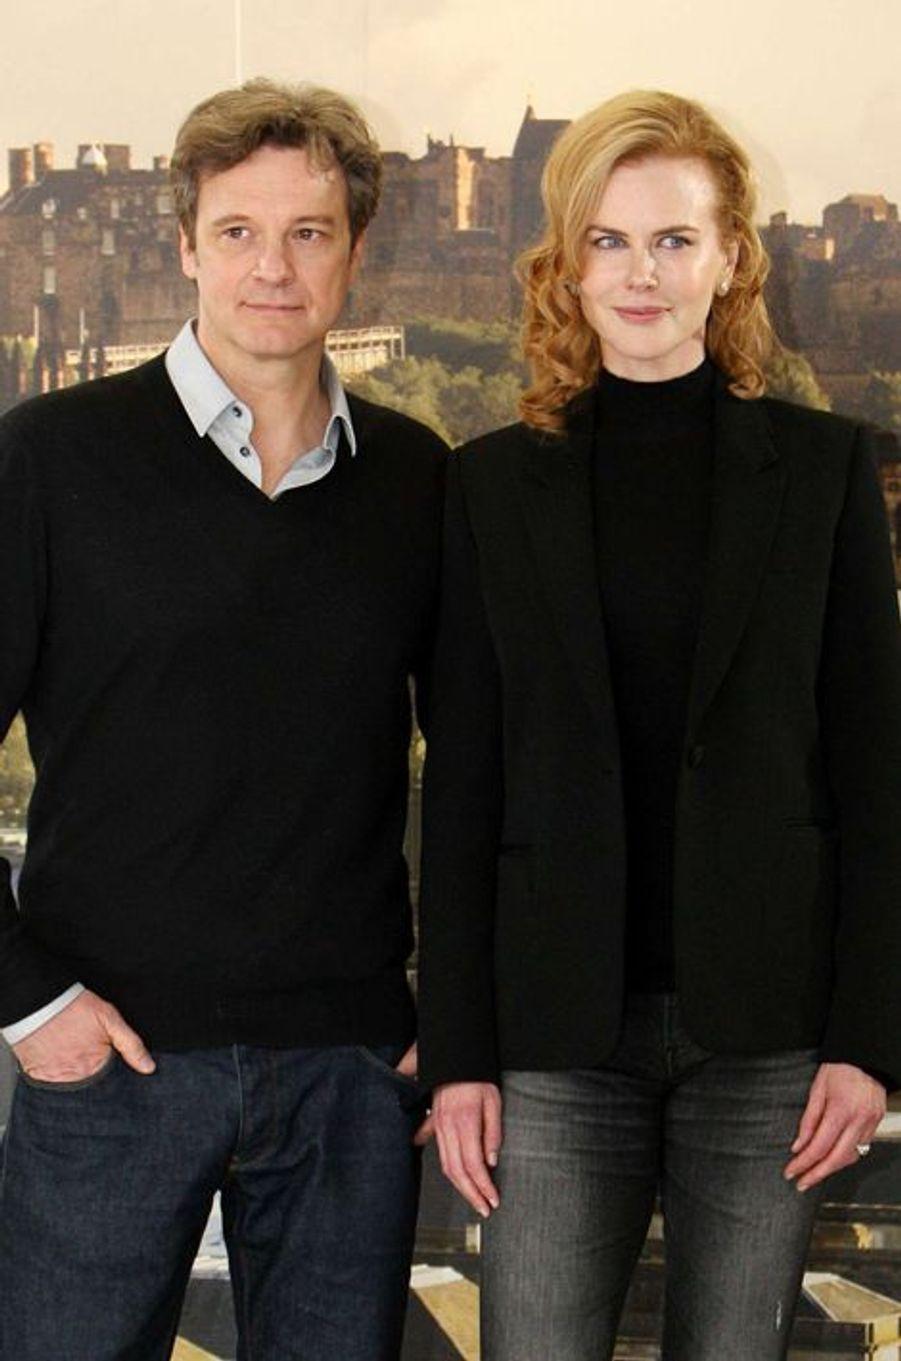 Ces trois dernières années, le comédien britannique et l'actrice australienne ont travaillé sur deux films ensemble : le drame «Les Voies du destin», sorti en 2013, et plus récemment «Avant d'aller dormir», dans lequel ils donnaient la réplique à Mark Strong.